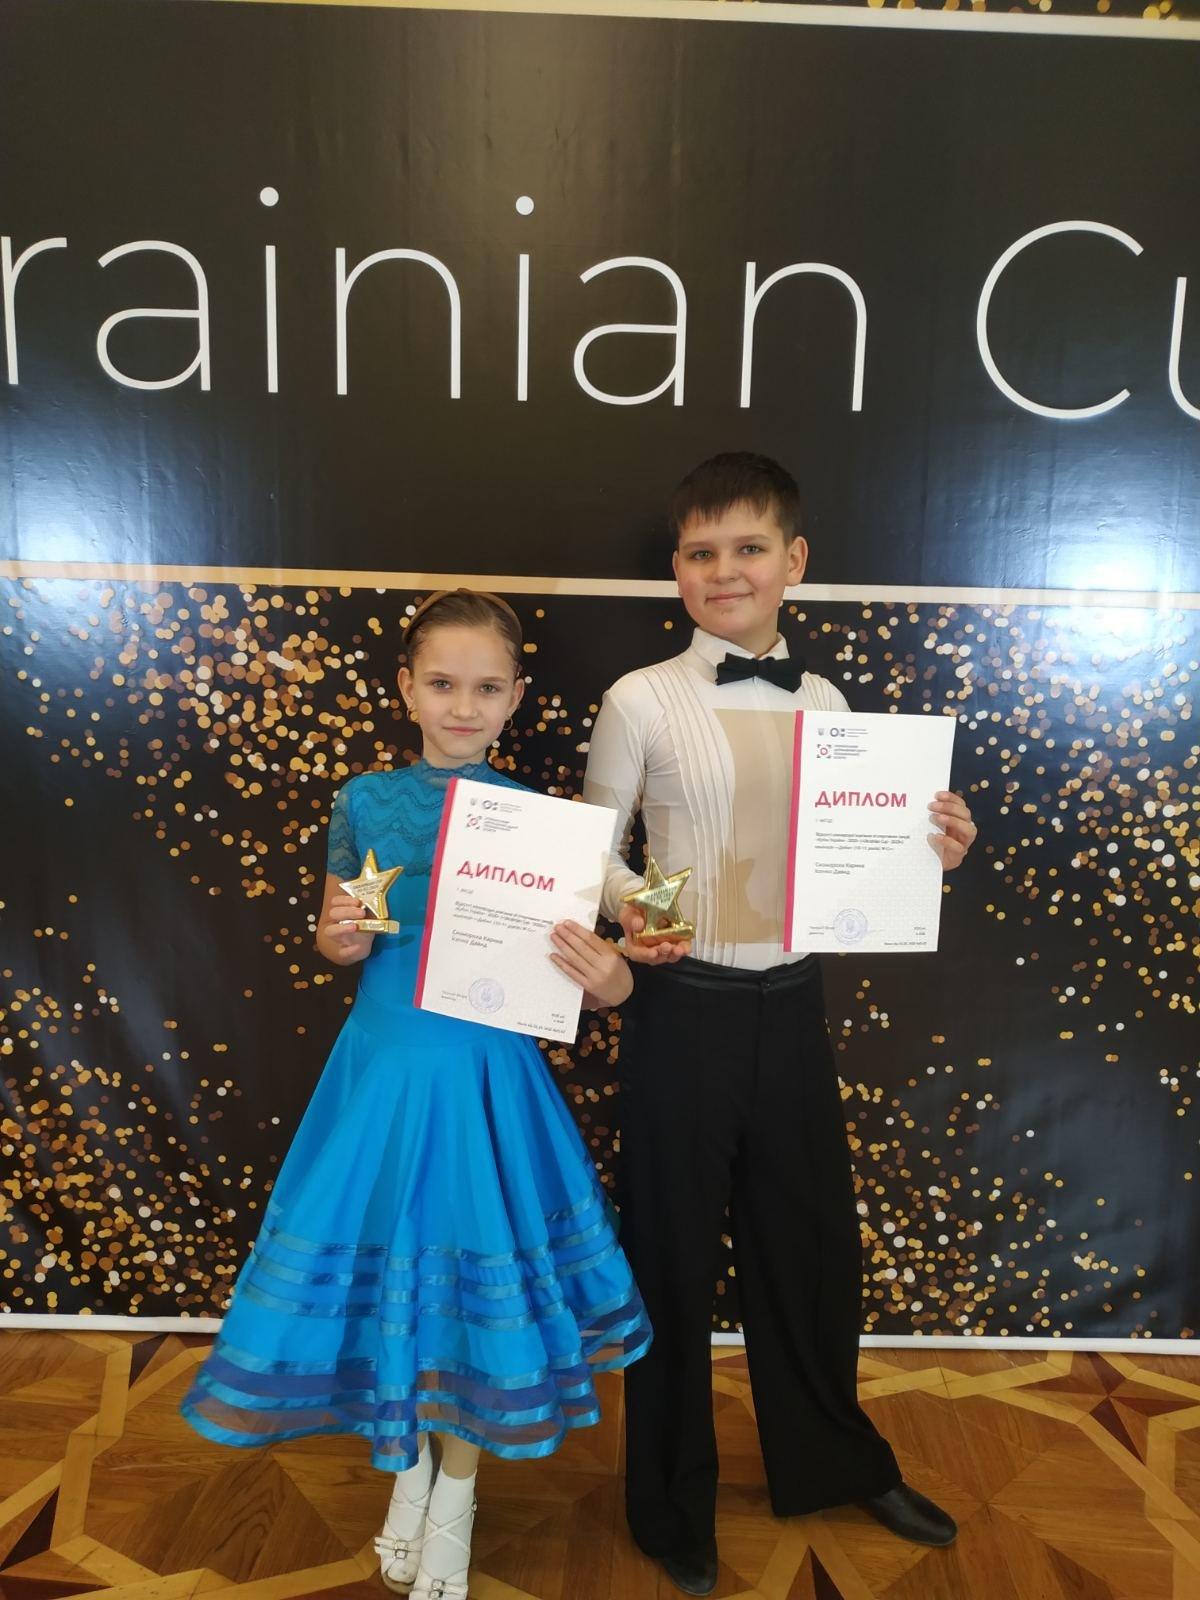 Вихованці студії «Колор» привезли нагороди з Міжнародних змагань зі спортивних танців, фото-3